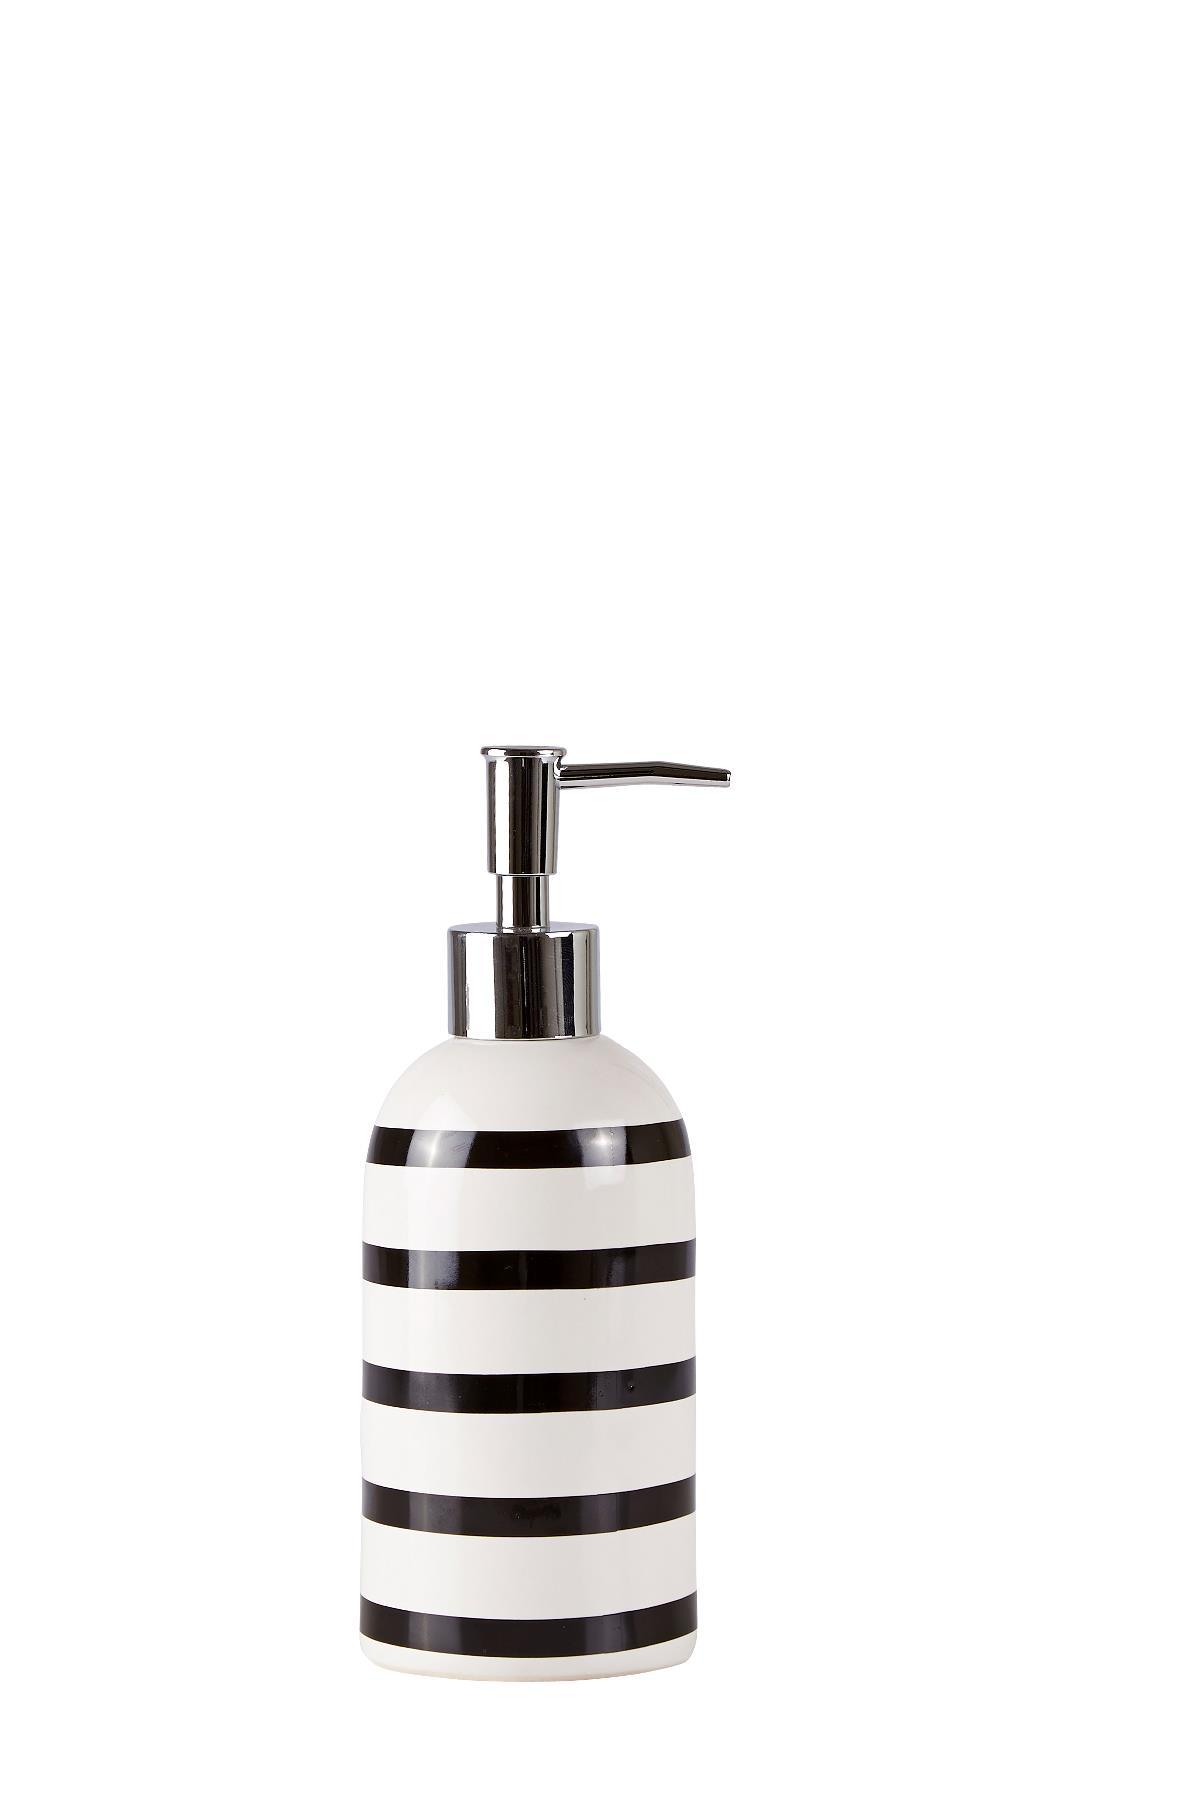 Dozator pentru sapun din ceramica Black / White Kj